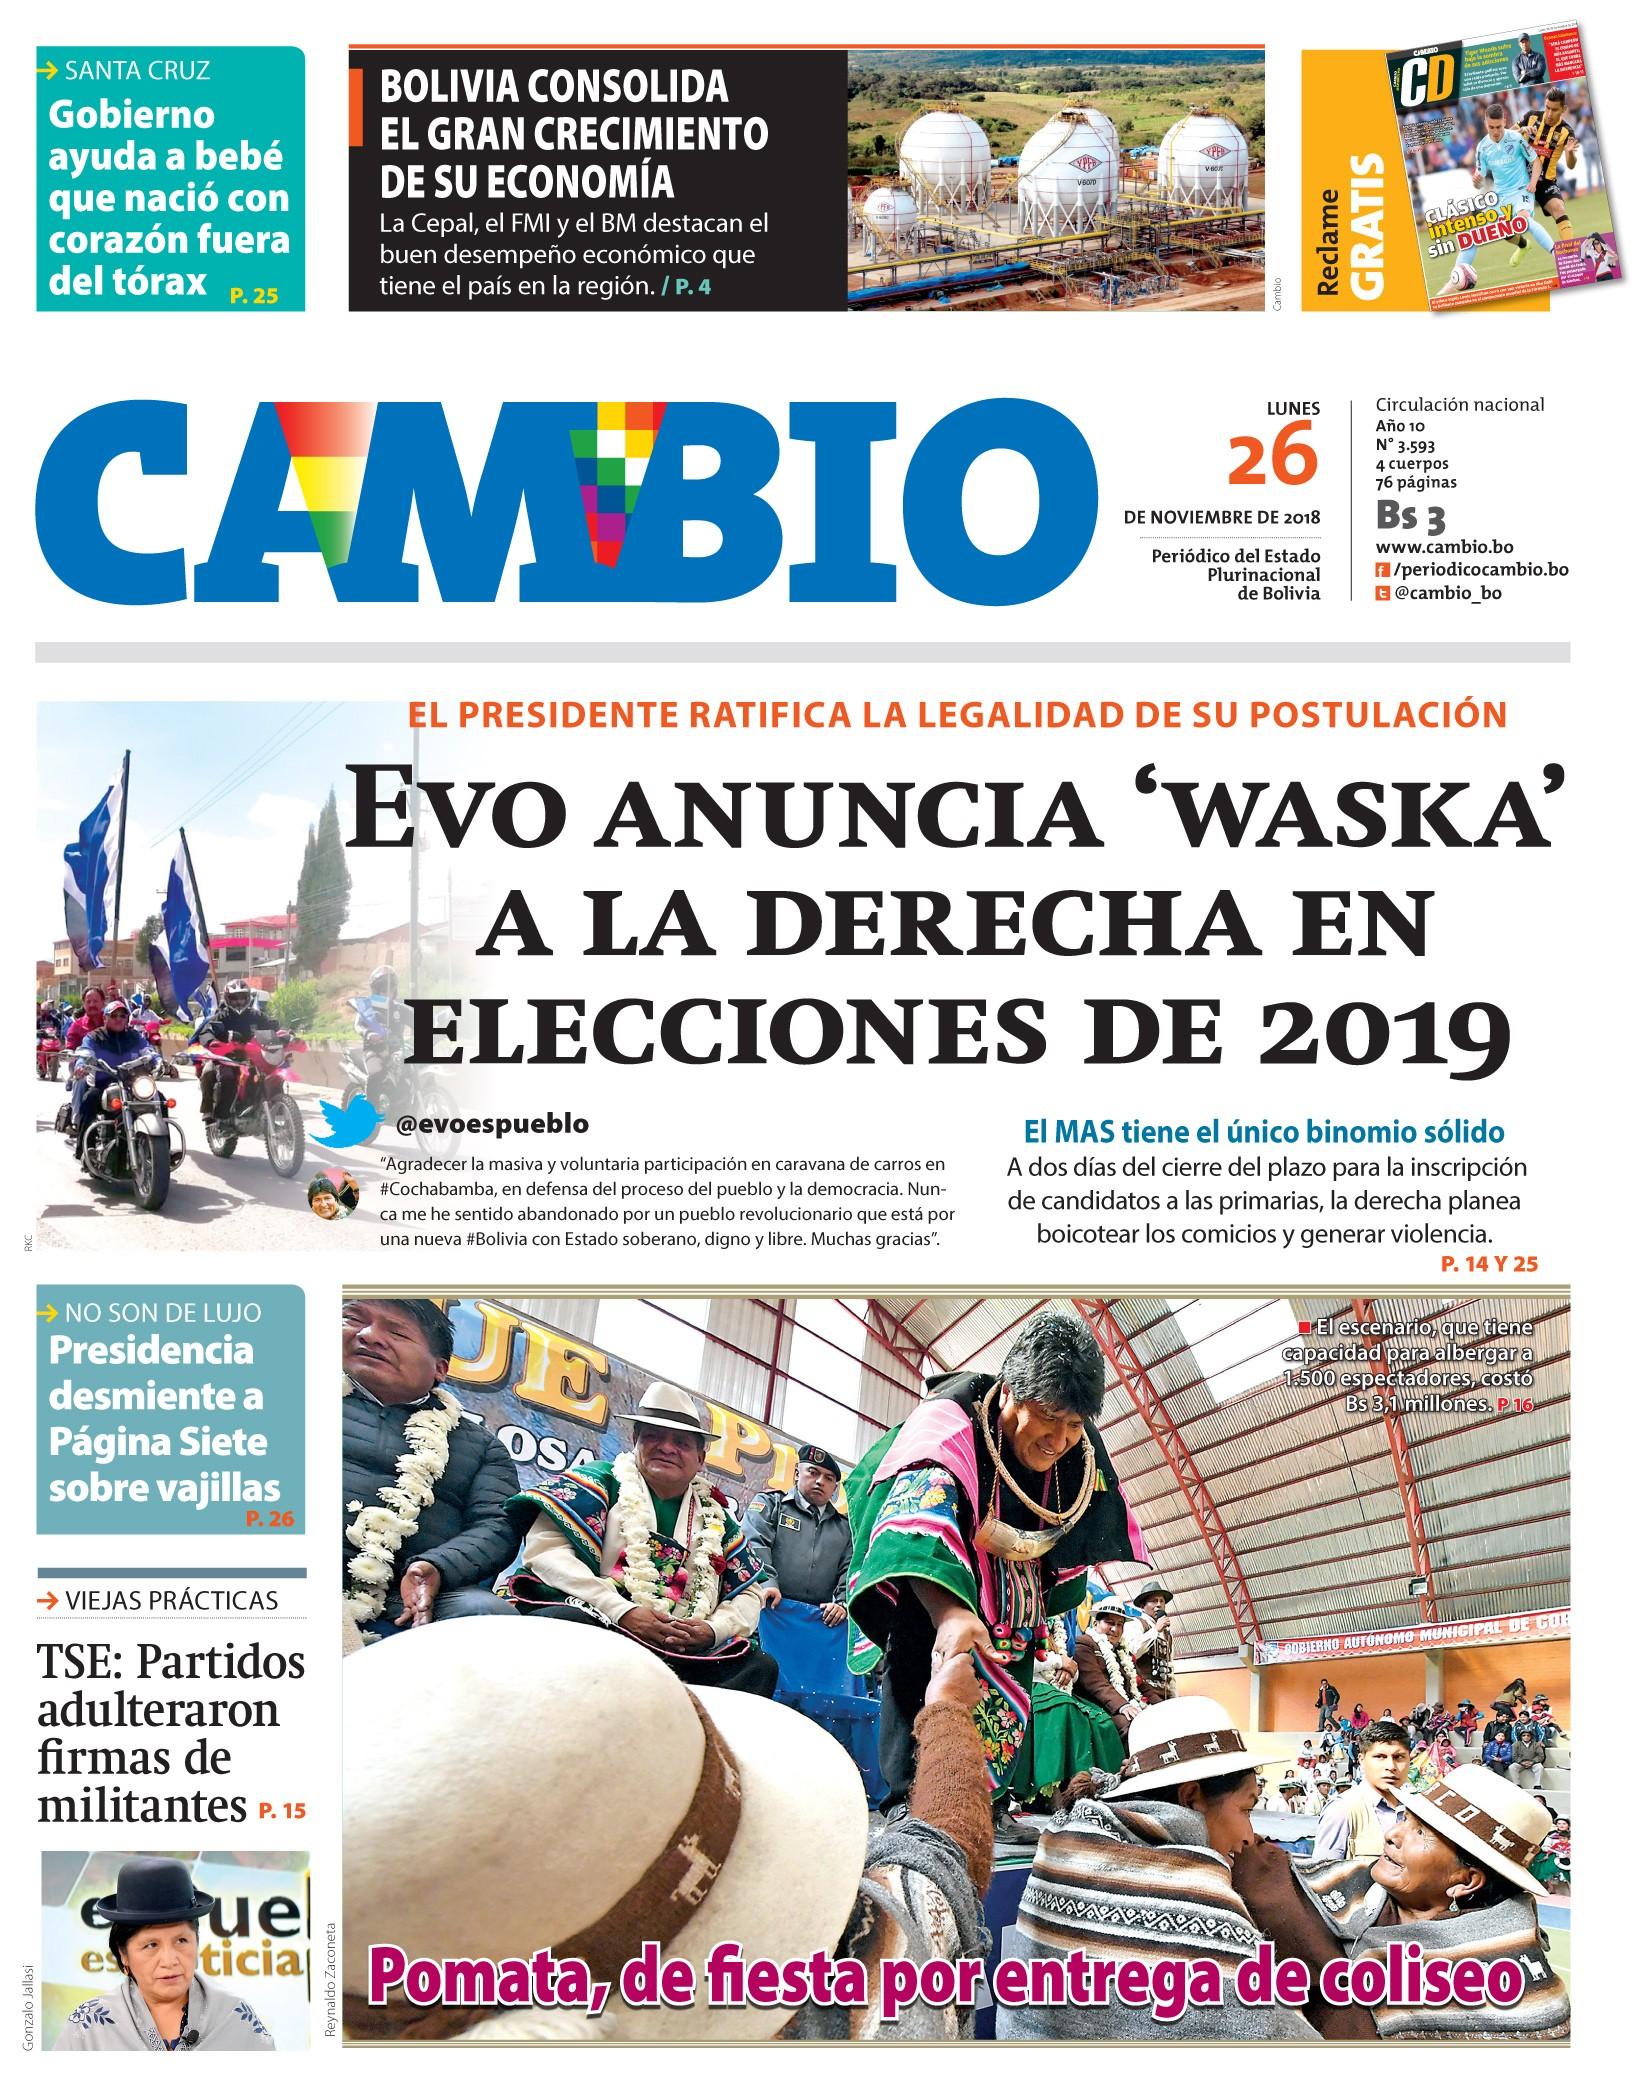 Calendario Escolar 2019 Santa Cruz Actual Abi Agencia Boliviana De Informaci³n V2018 Of Calendario Escolar 2019 Santa Cruz Más Populares Impetu 30 De Noviembre Del 2018 by Diario mpetu issuu